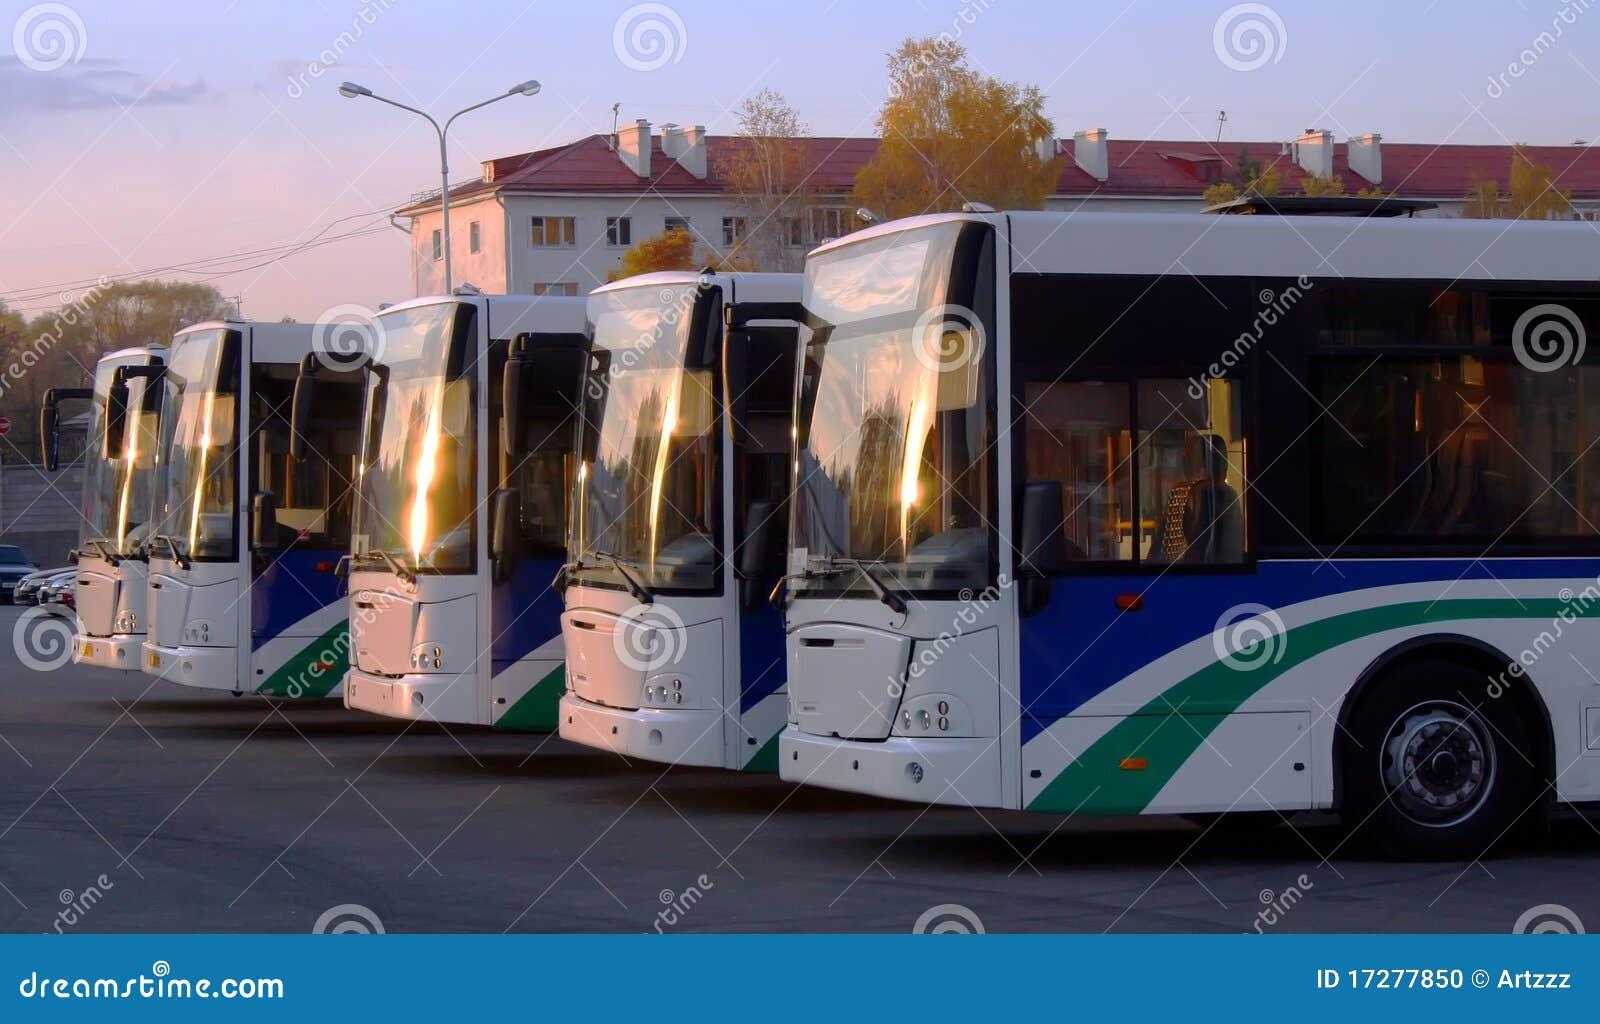 Lijn van bussen